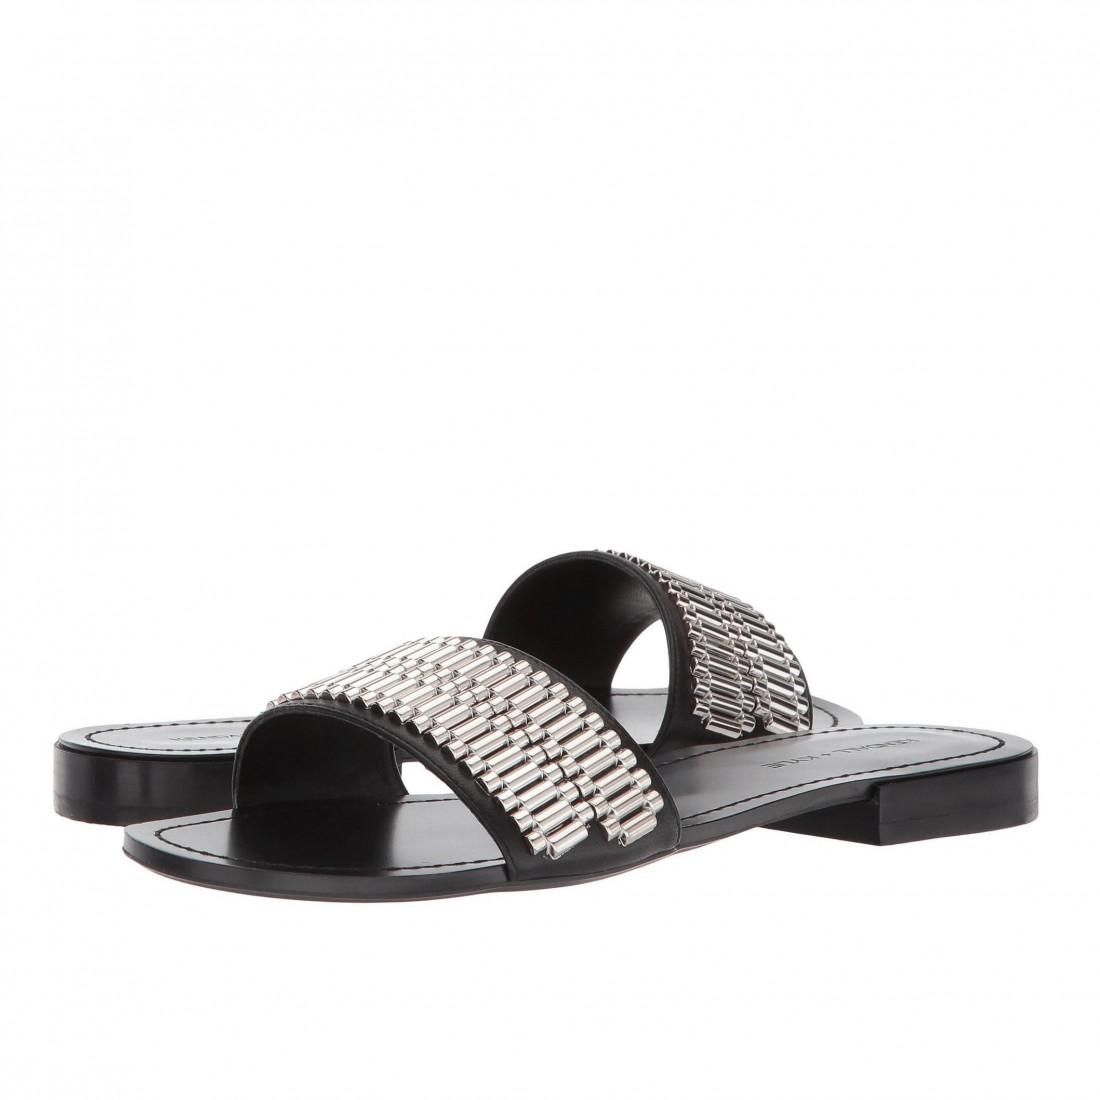 sandalen damen kendall kylie kennedyblk 3047